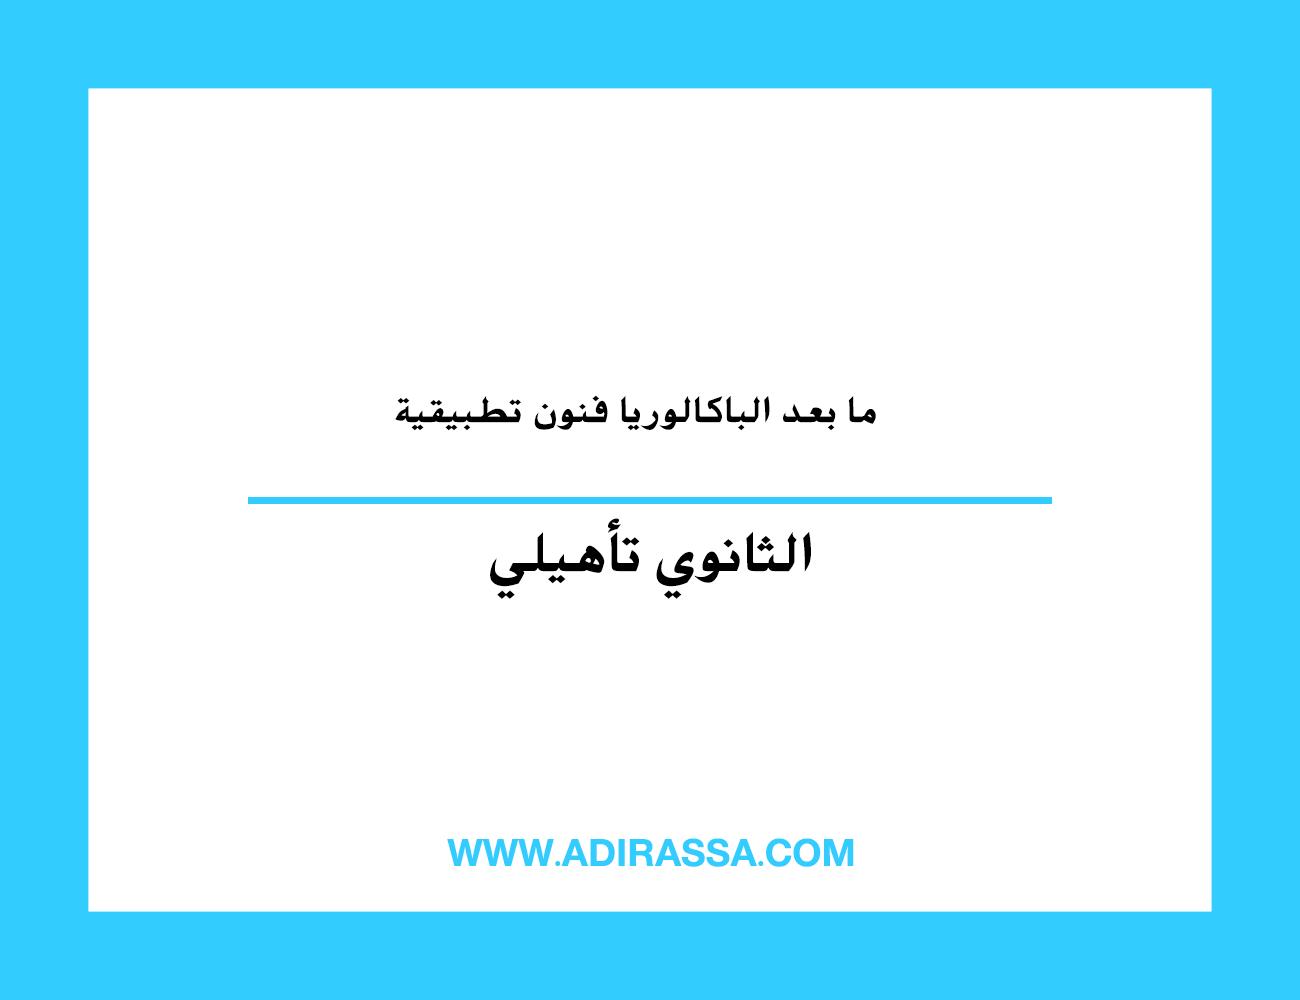 ما بعد الباكالوريا فنون تطبيقية حسب المؤسسات و التكوينات بالمملكة المغربية